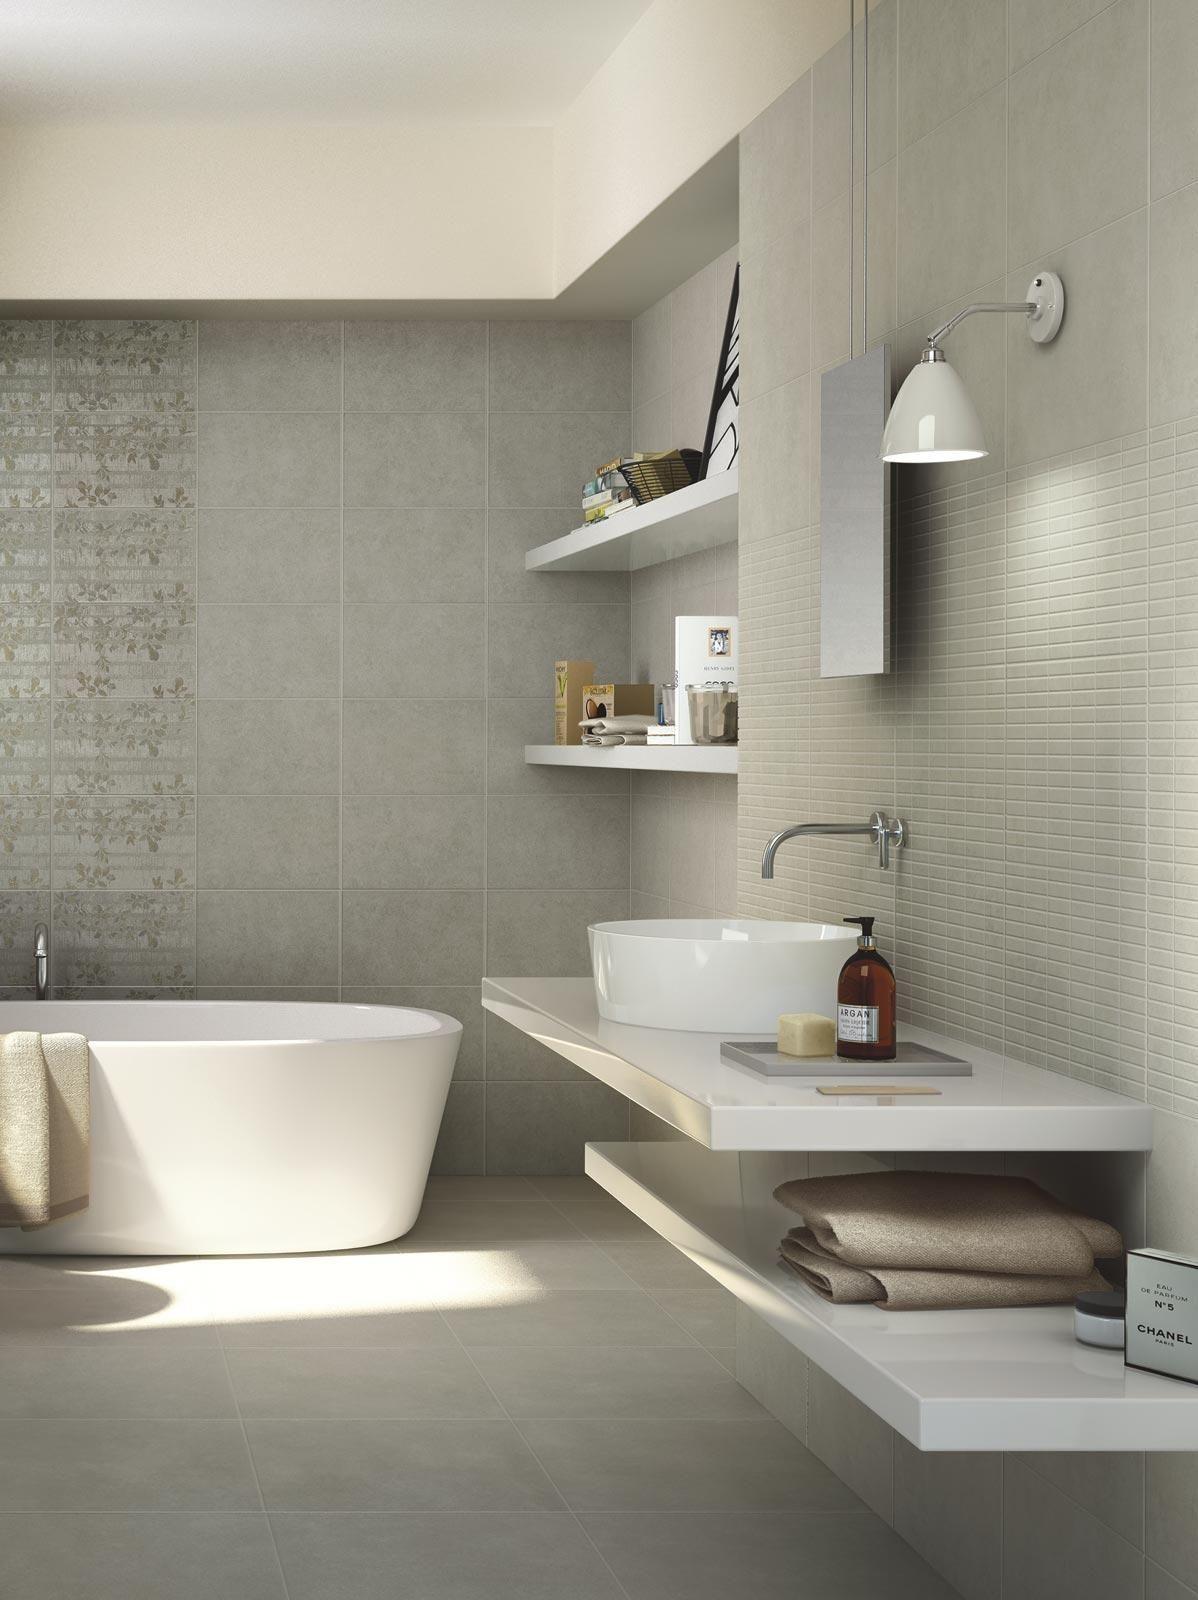 34 Luxury Ceramic Tiles Bathroom Decortez Colores Para El Hogar Fondo De Pantalla Colorido Azulejos Bano